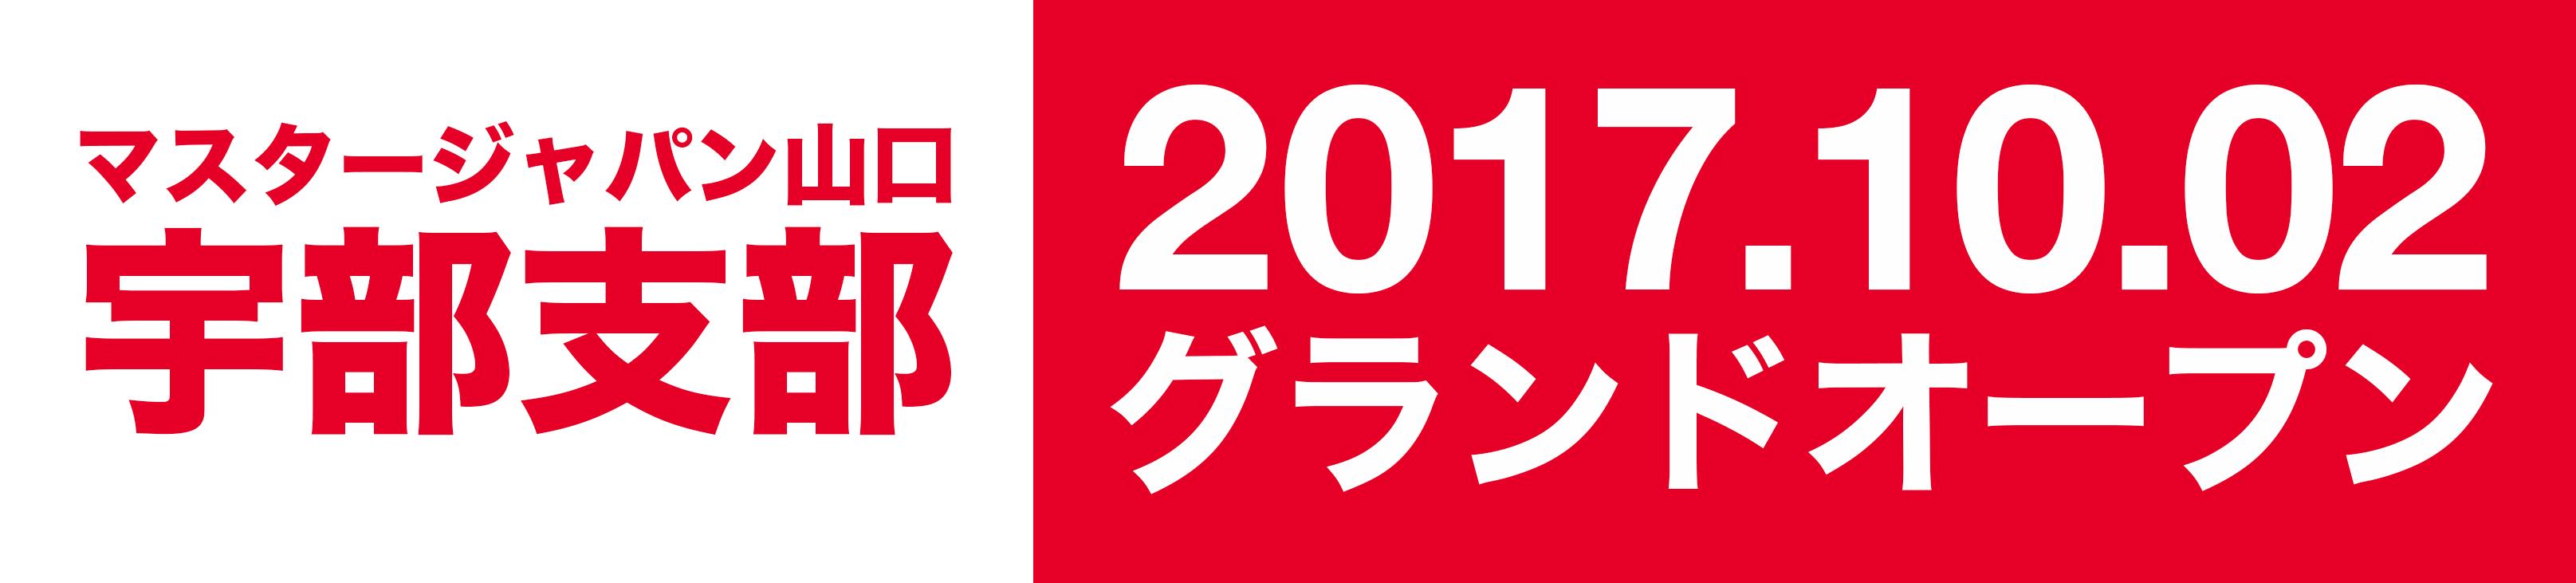 マスタージャパン山口宇部支部2017.10.02グランドオープン